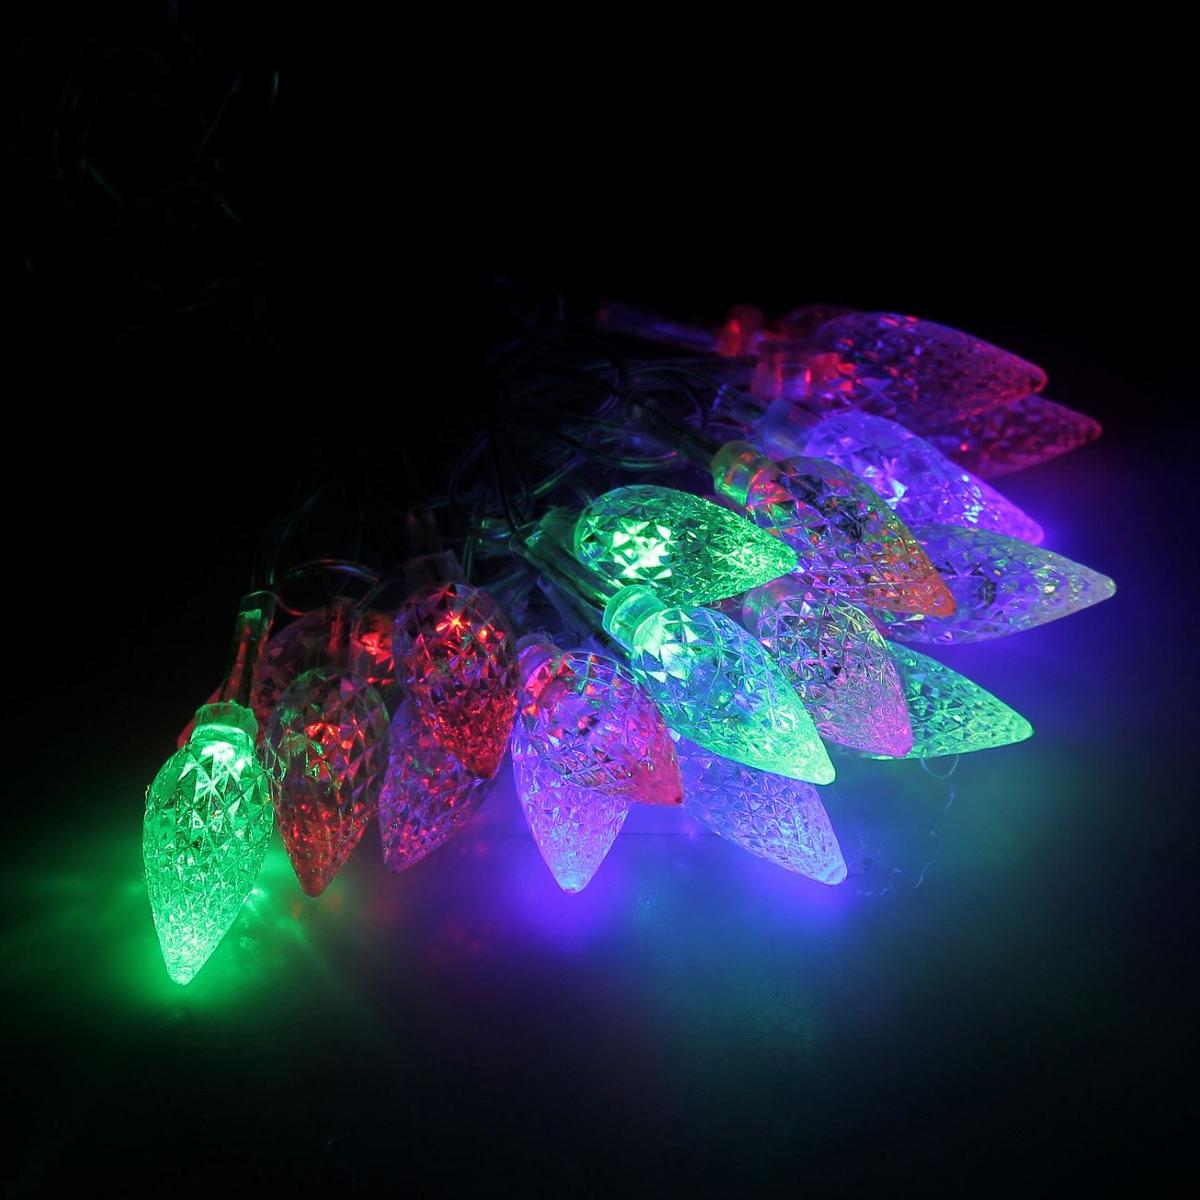 Гирлянда светодиодная Luazon Метраж. Шишки, с насадкой, моргает, 20 ламп, 220 V, 5 м, цвет: мультиколор. 185508185508Светодиодные гирлянды, ленты и т.д. — это отличный вариант для новогоднего оформления интерьера или фасада. С их помощью помещение любого размера можно превратить в праздничный зал, а внешние элементы зданий, украшенные ими, мгновенно станут напоминать очертания сказочного дворца. Такие украшения создают ауру предвкушения чуда. Деревья, фасады, витрины, окна и арки будто специально созданы, чтобы вы украсили их светящимися нитями.